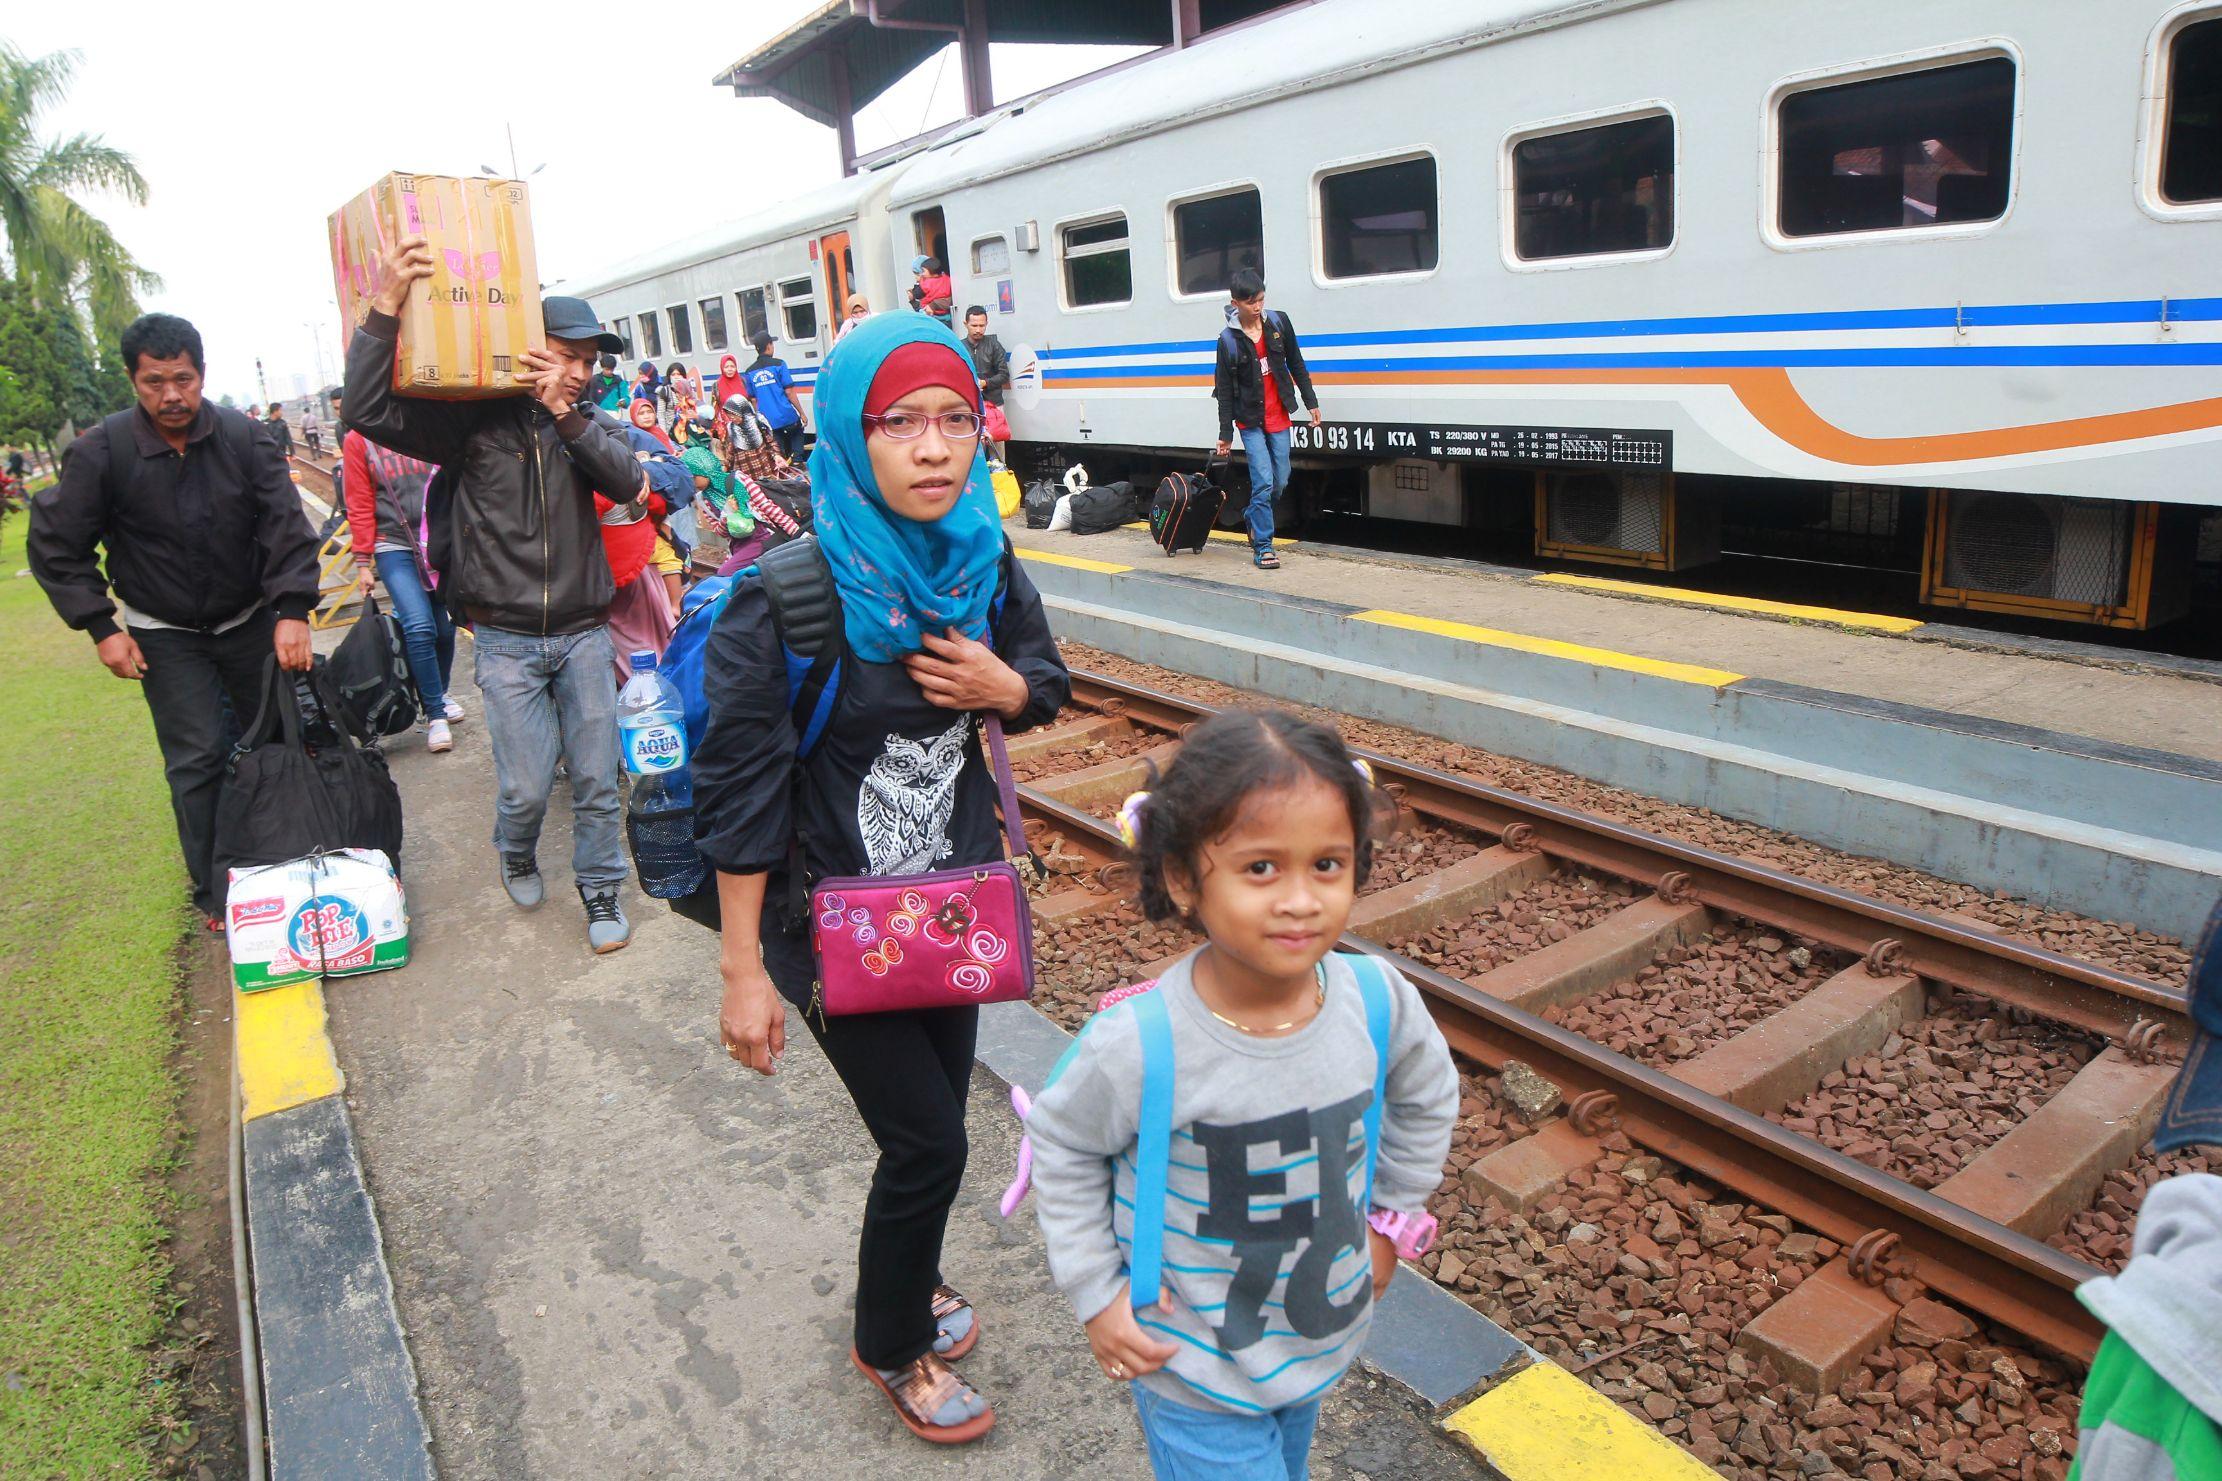 Penumpang kereta api jurusan Kutoarjo - Bandung memadati stasiun besar kereta api Kiaracondong, Jalan Kiaracondong, Kota Bandung, Minggu (10/7). Menjelang akhir libur lebaran stasiun kereta api Kiaracondong dipadati warga yang mudik dari luar Jawa Barat. Fajri Achmad NF / Bandung Ekspres